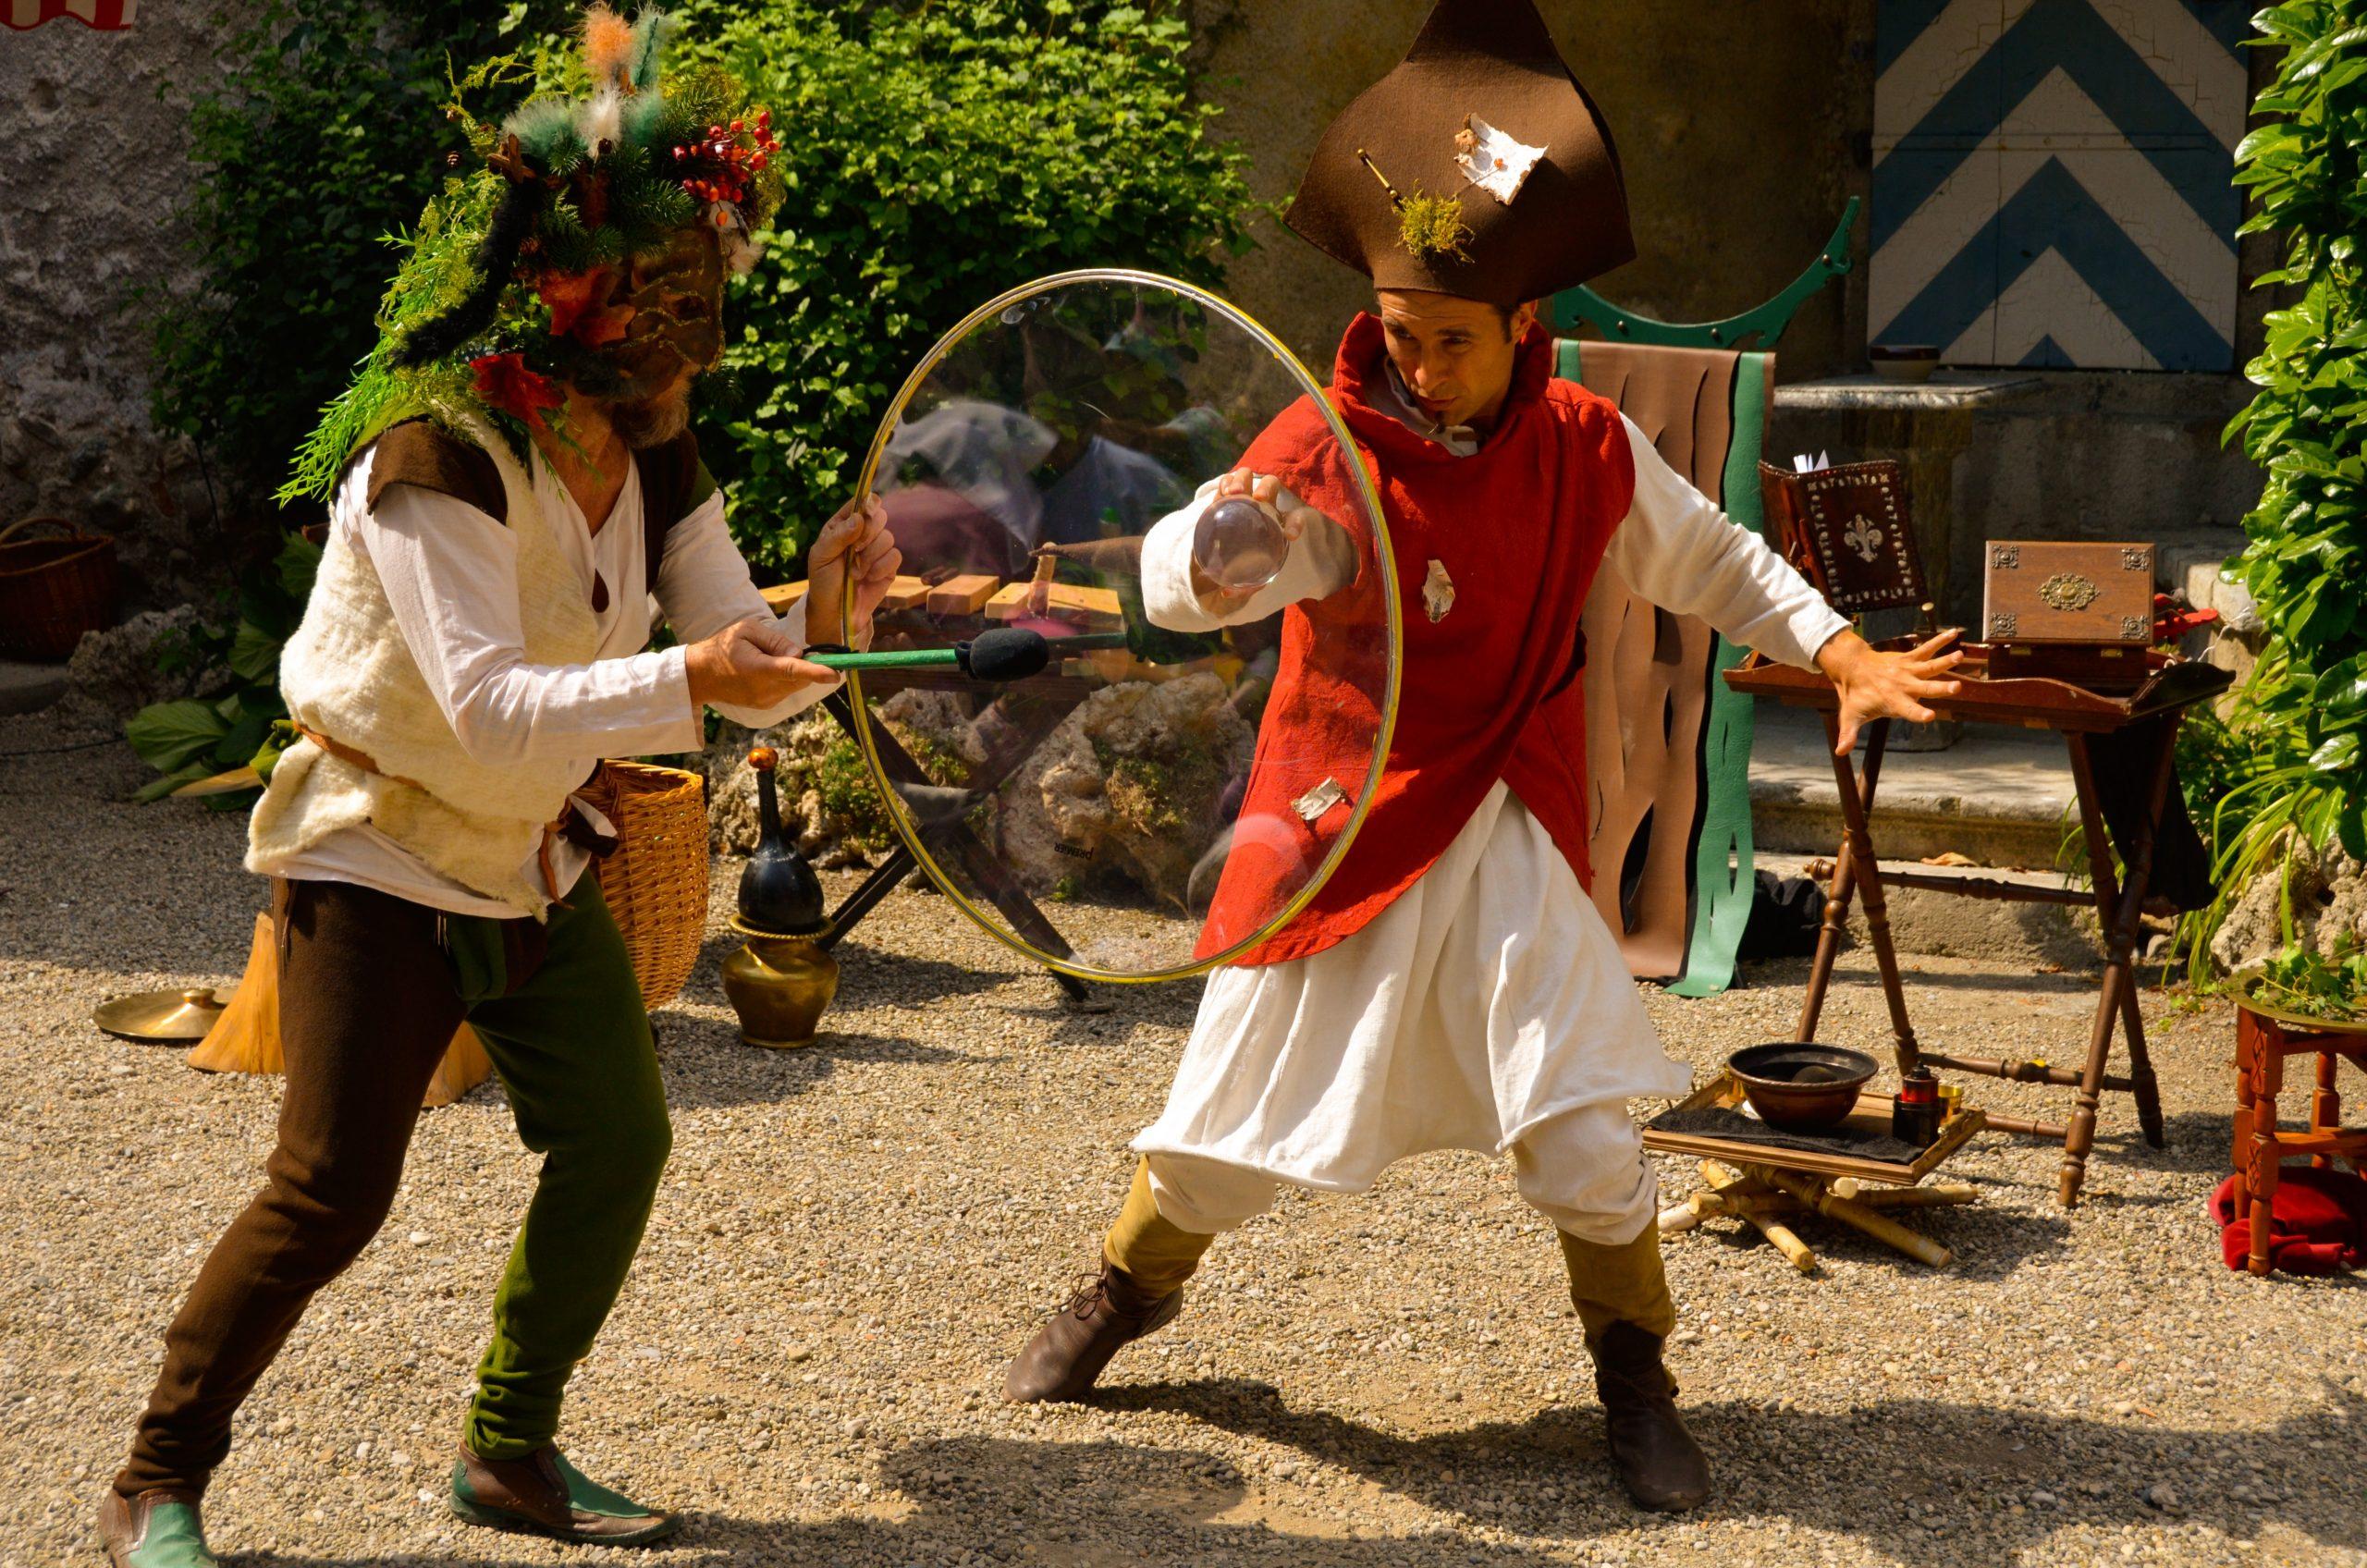 Théâtre de rue jongleur et percussionniste en action